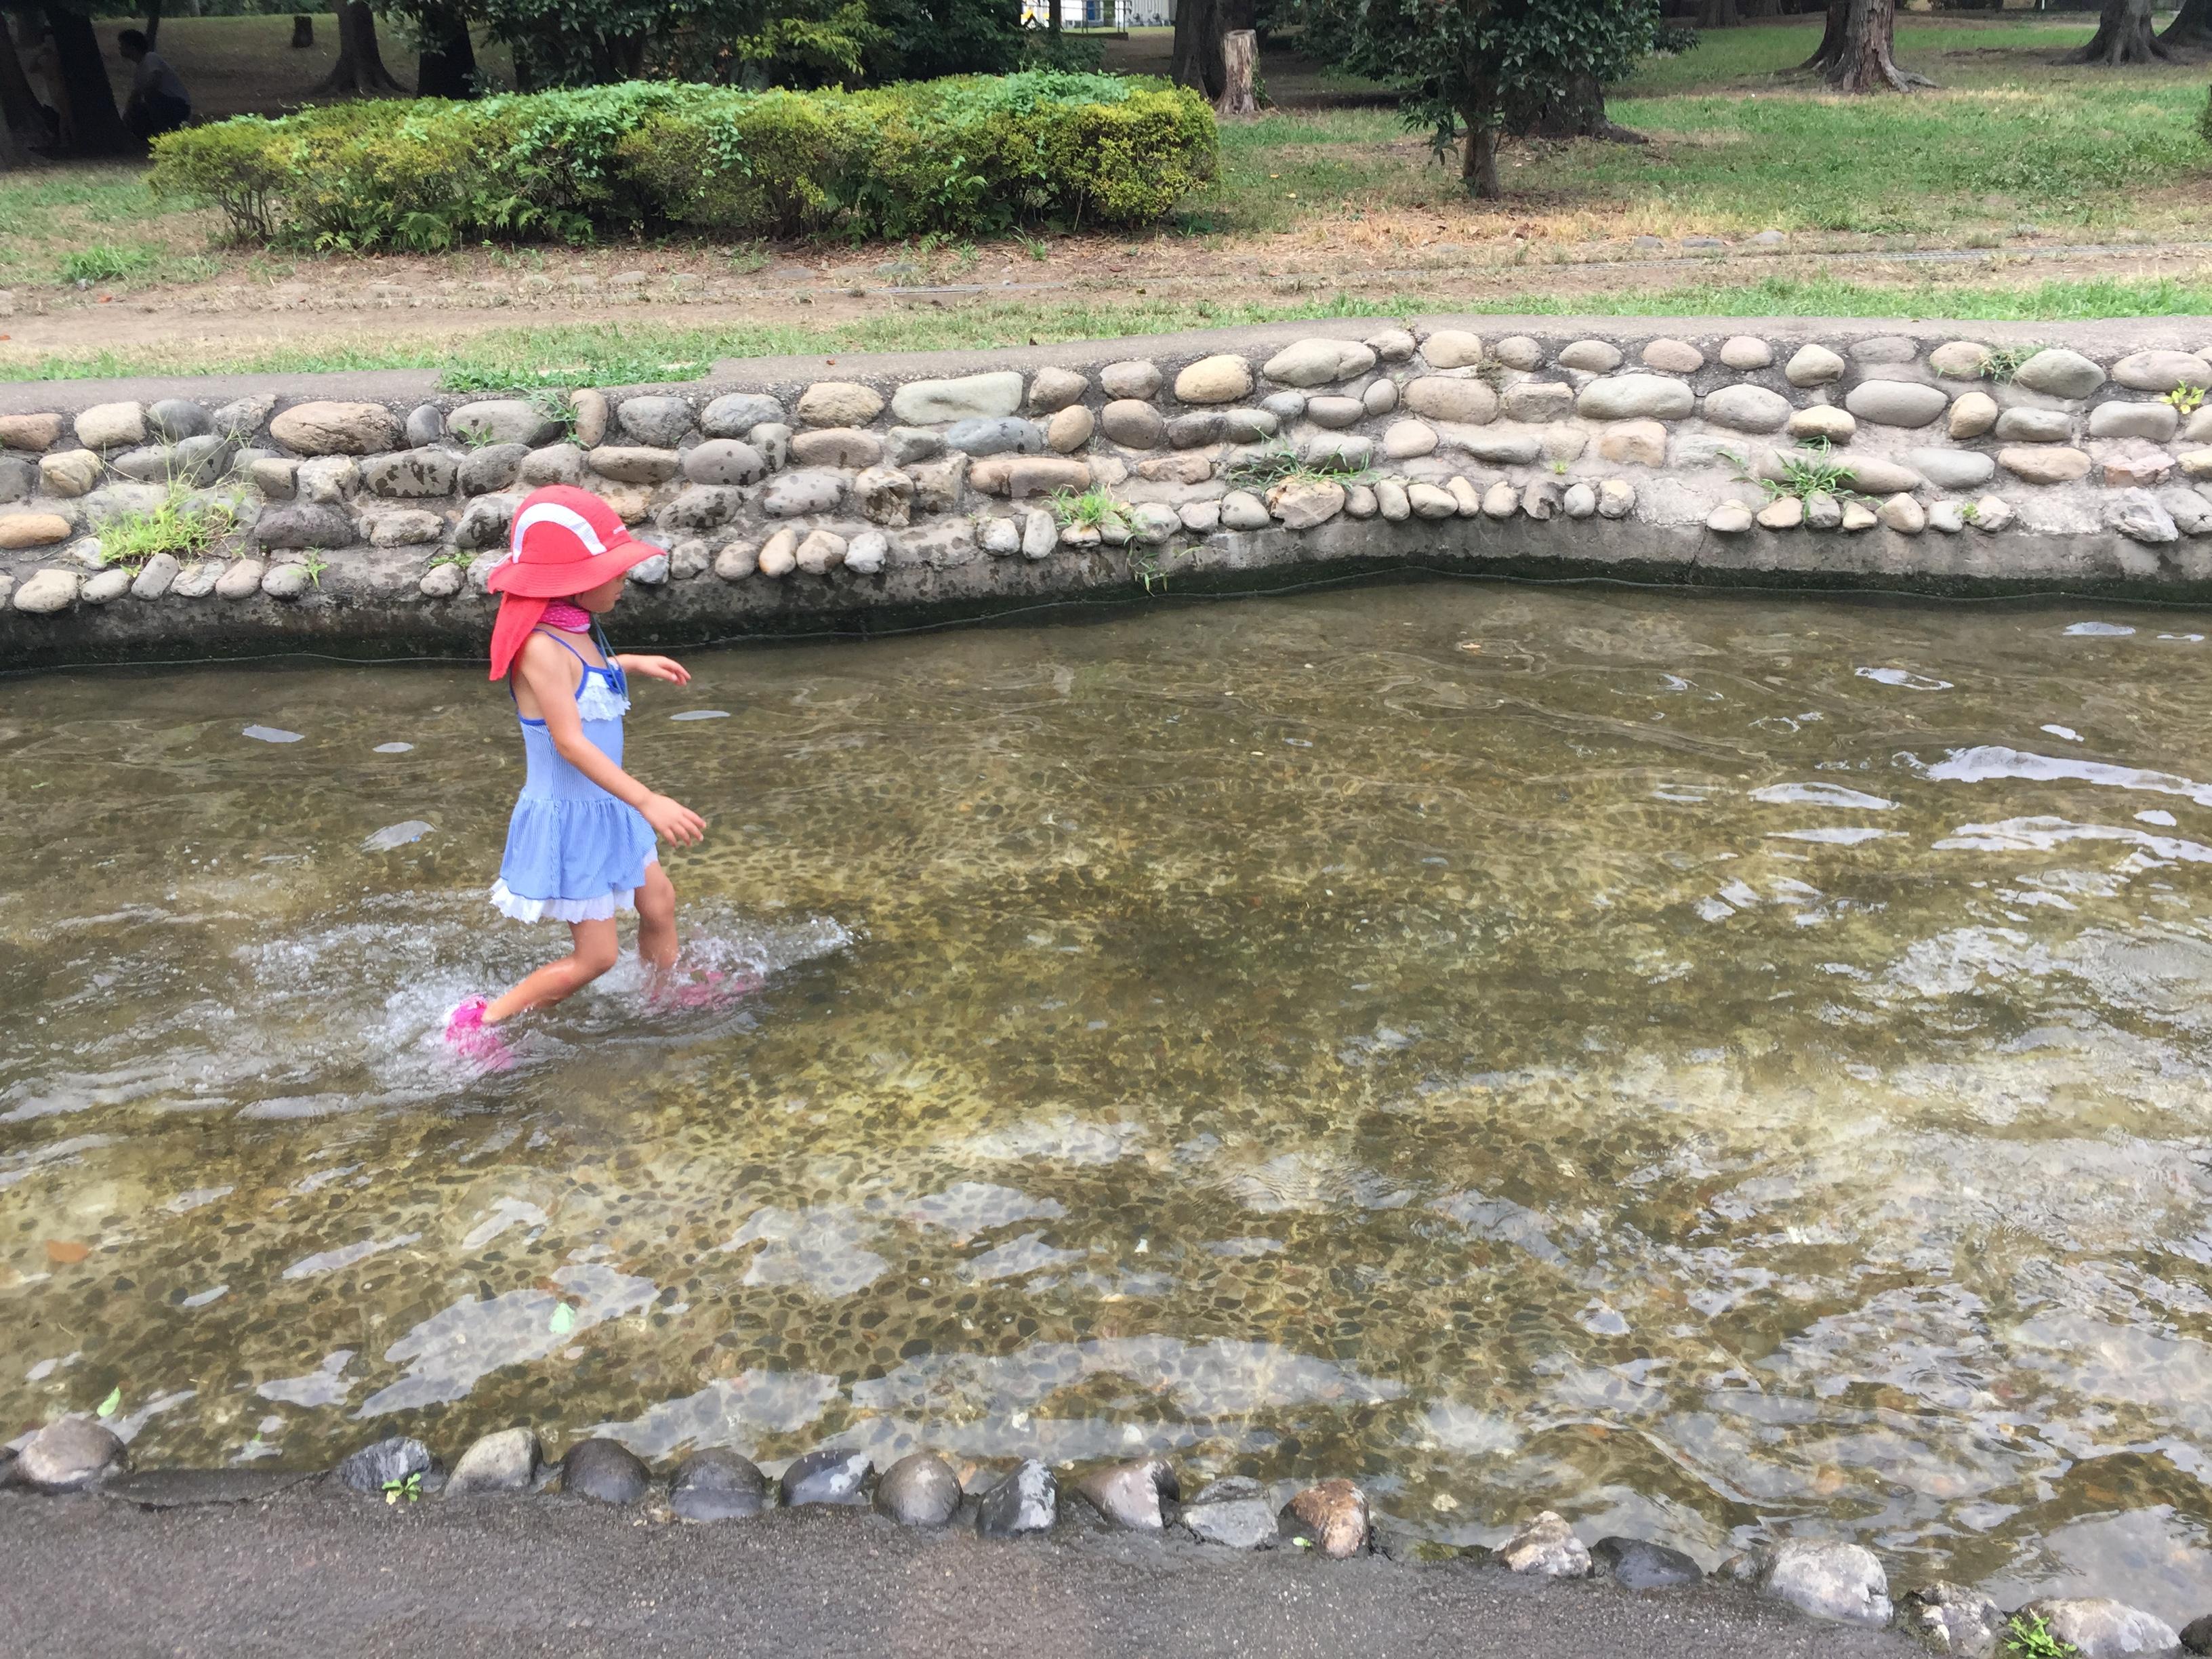 水遊び楽しかった〜(勇気づけ学園幼児部のサマーキャンプに参加して)